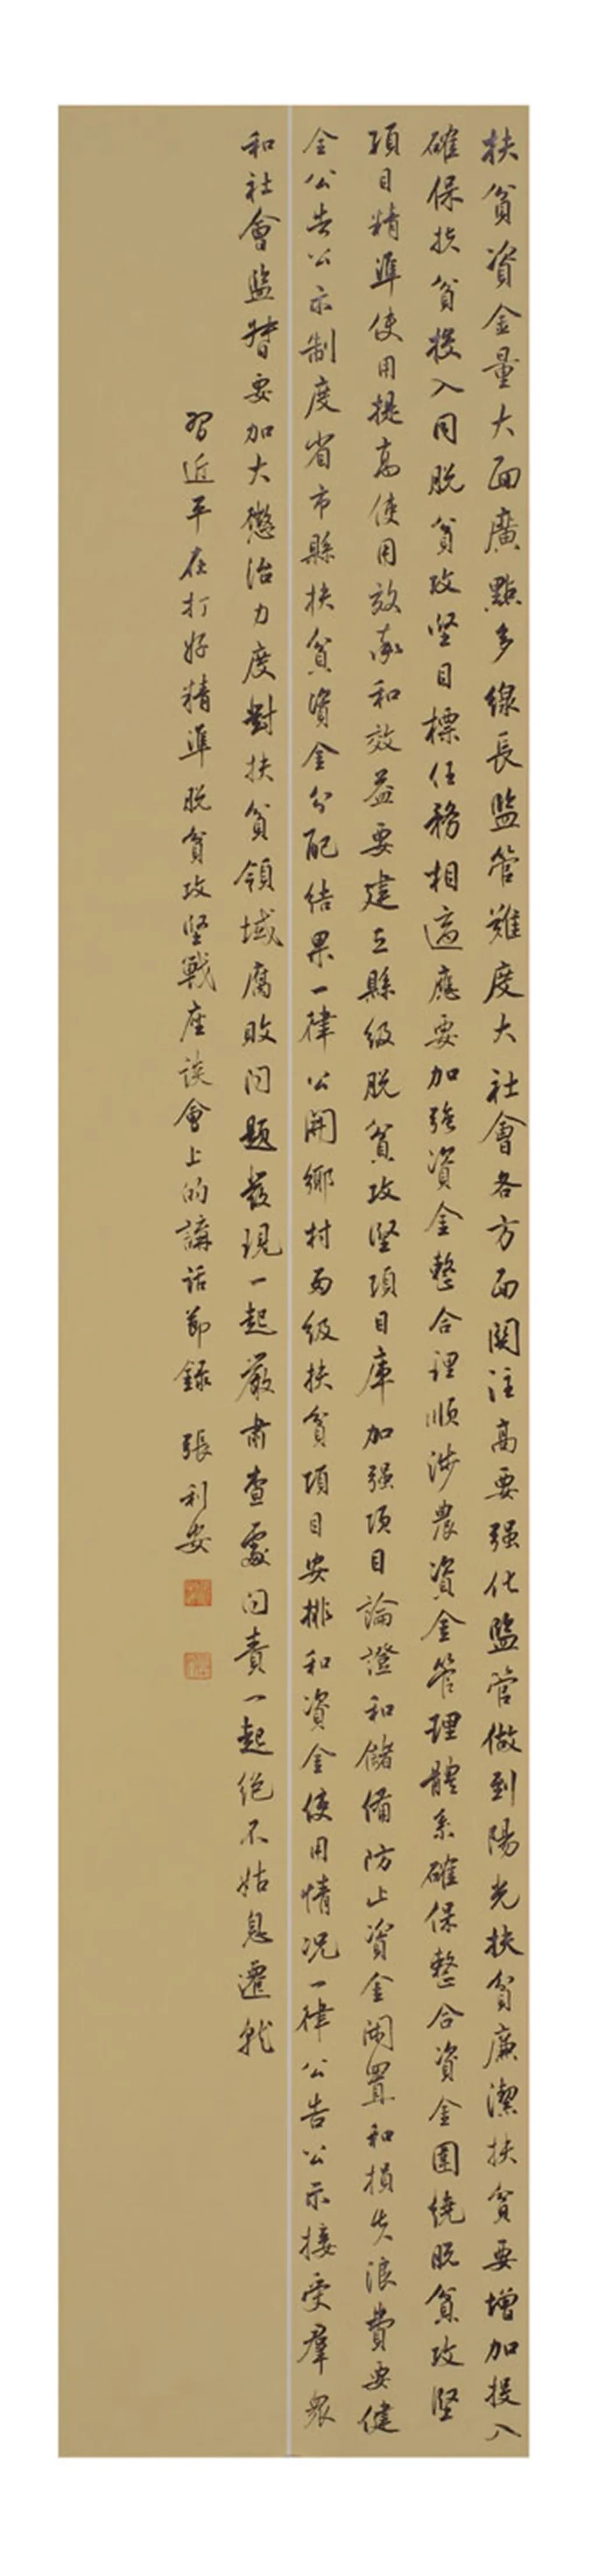 中国力量——全国扶贫书法大展作品 | 第一篇章 :人民至上(图40)